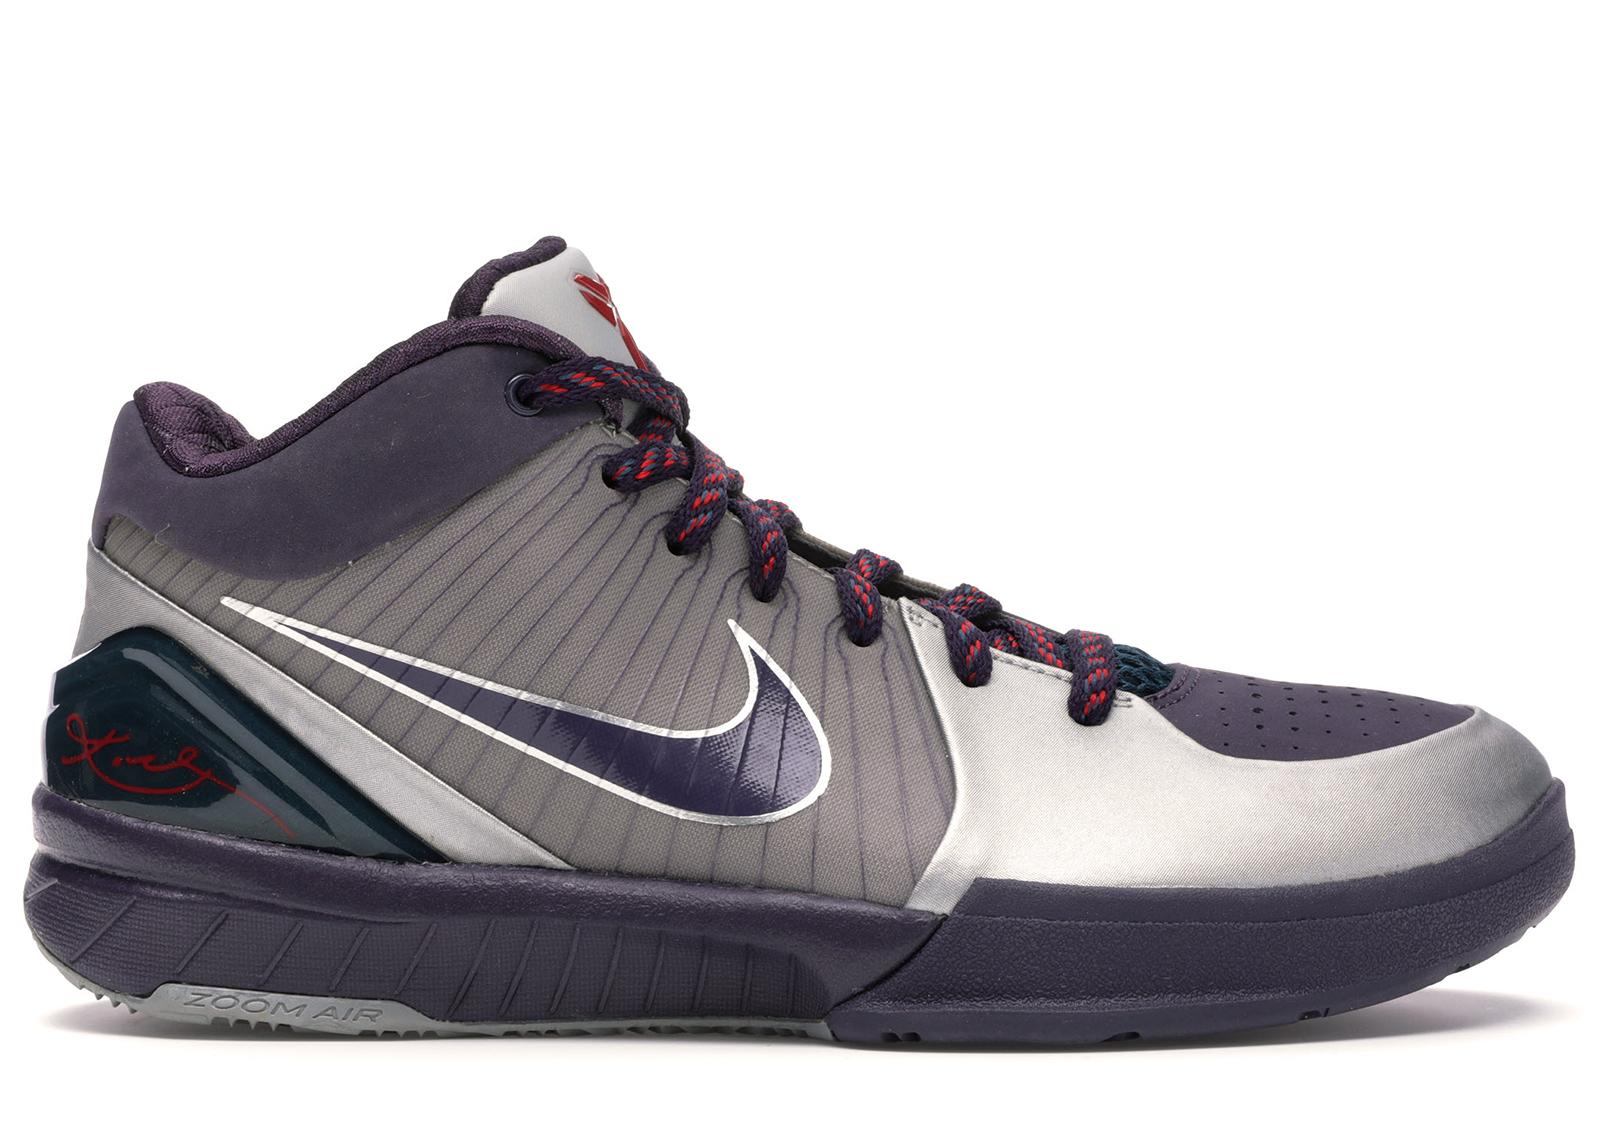 Nike Kobe 4 Chaos Joker - 344335 051